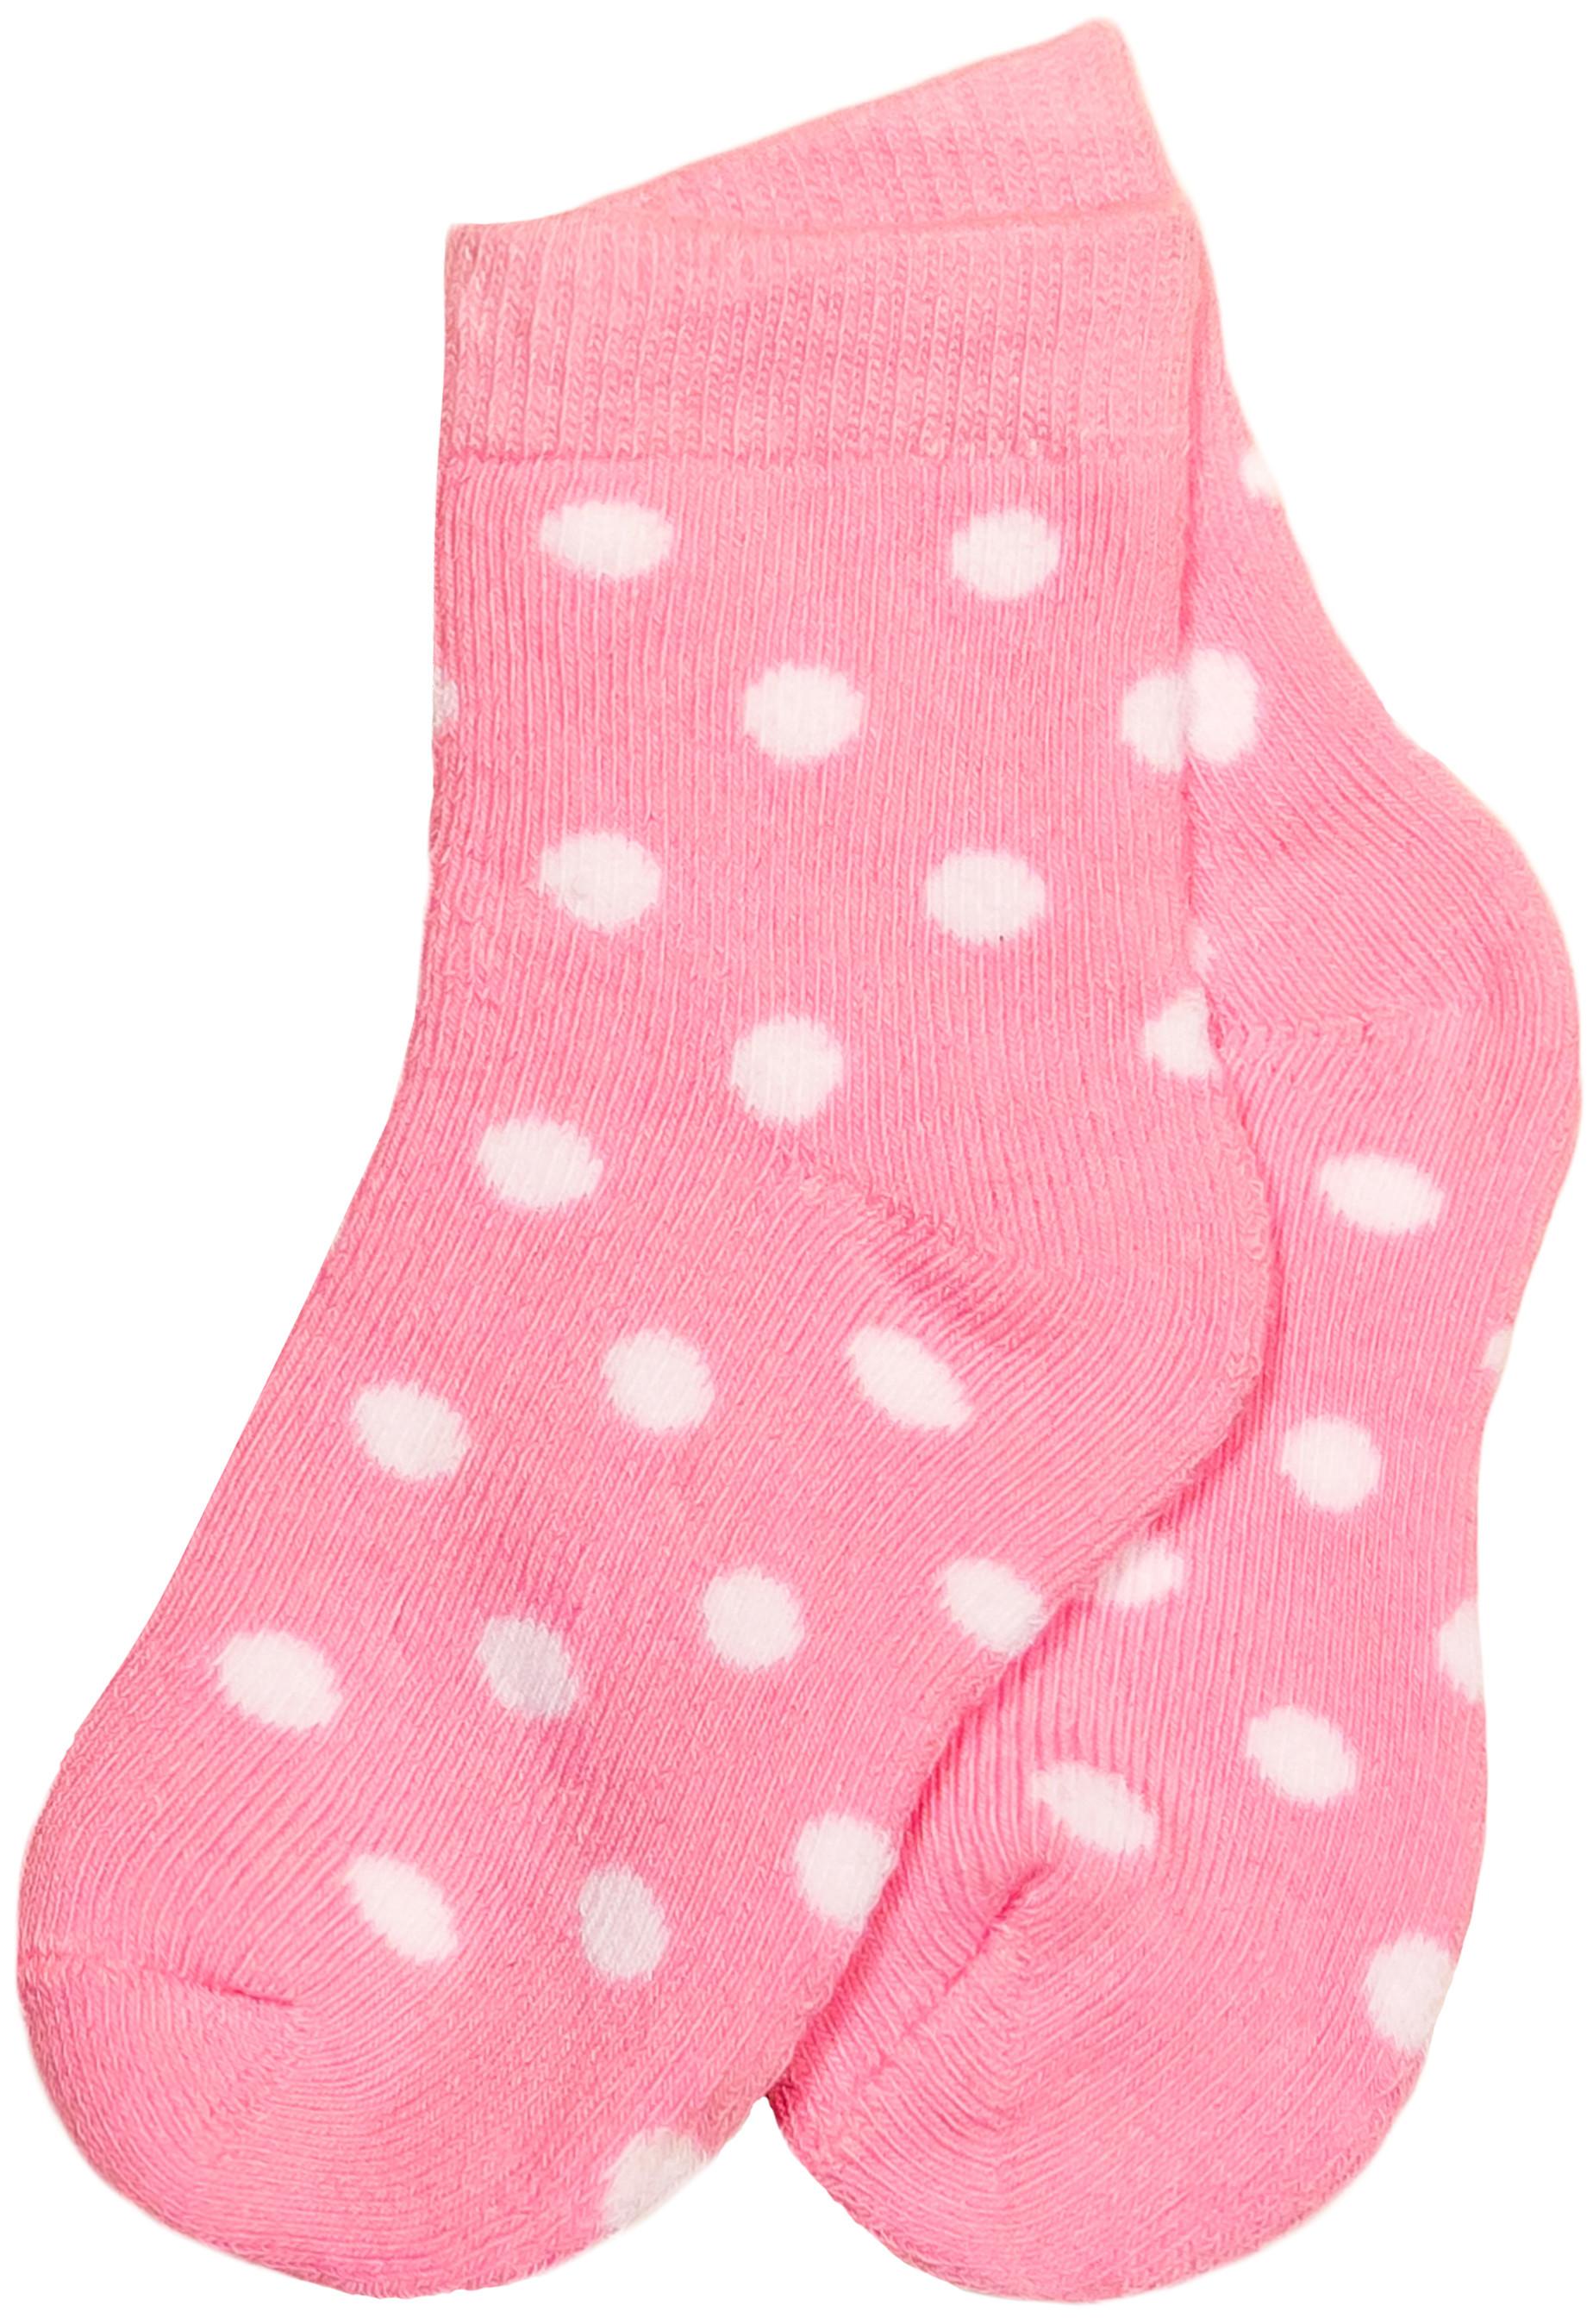 Носки Barkito Носки махровые для девочки Barkito, розовые с рисунком в горошек носки махровые для мальчика barkito белые с рисунком